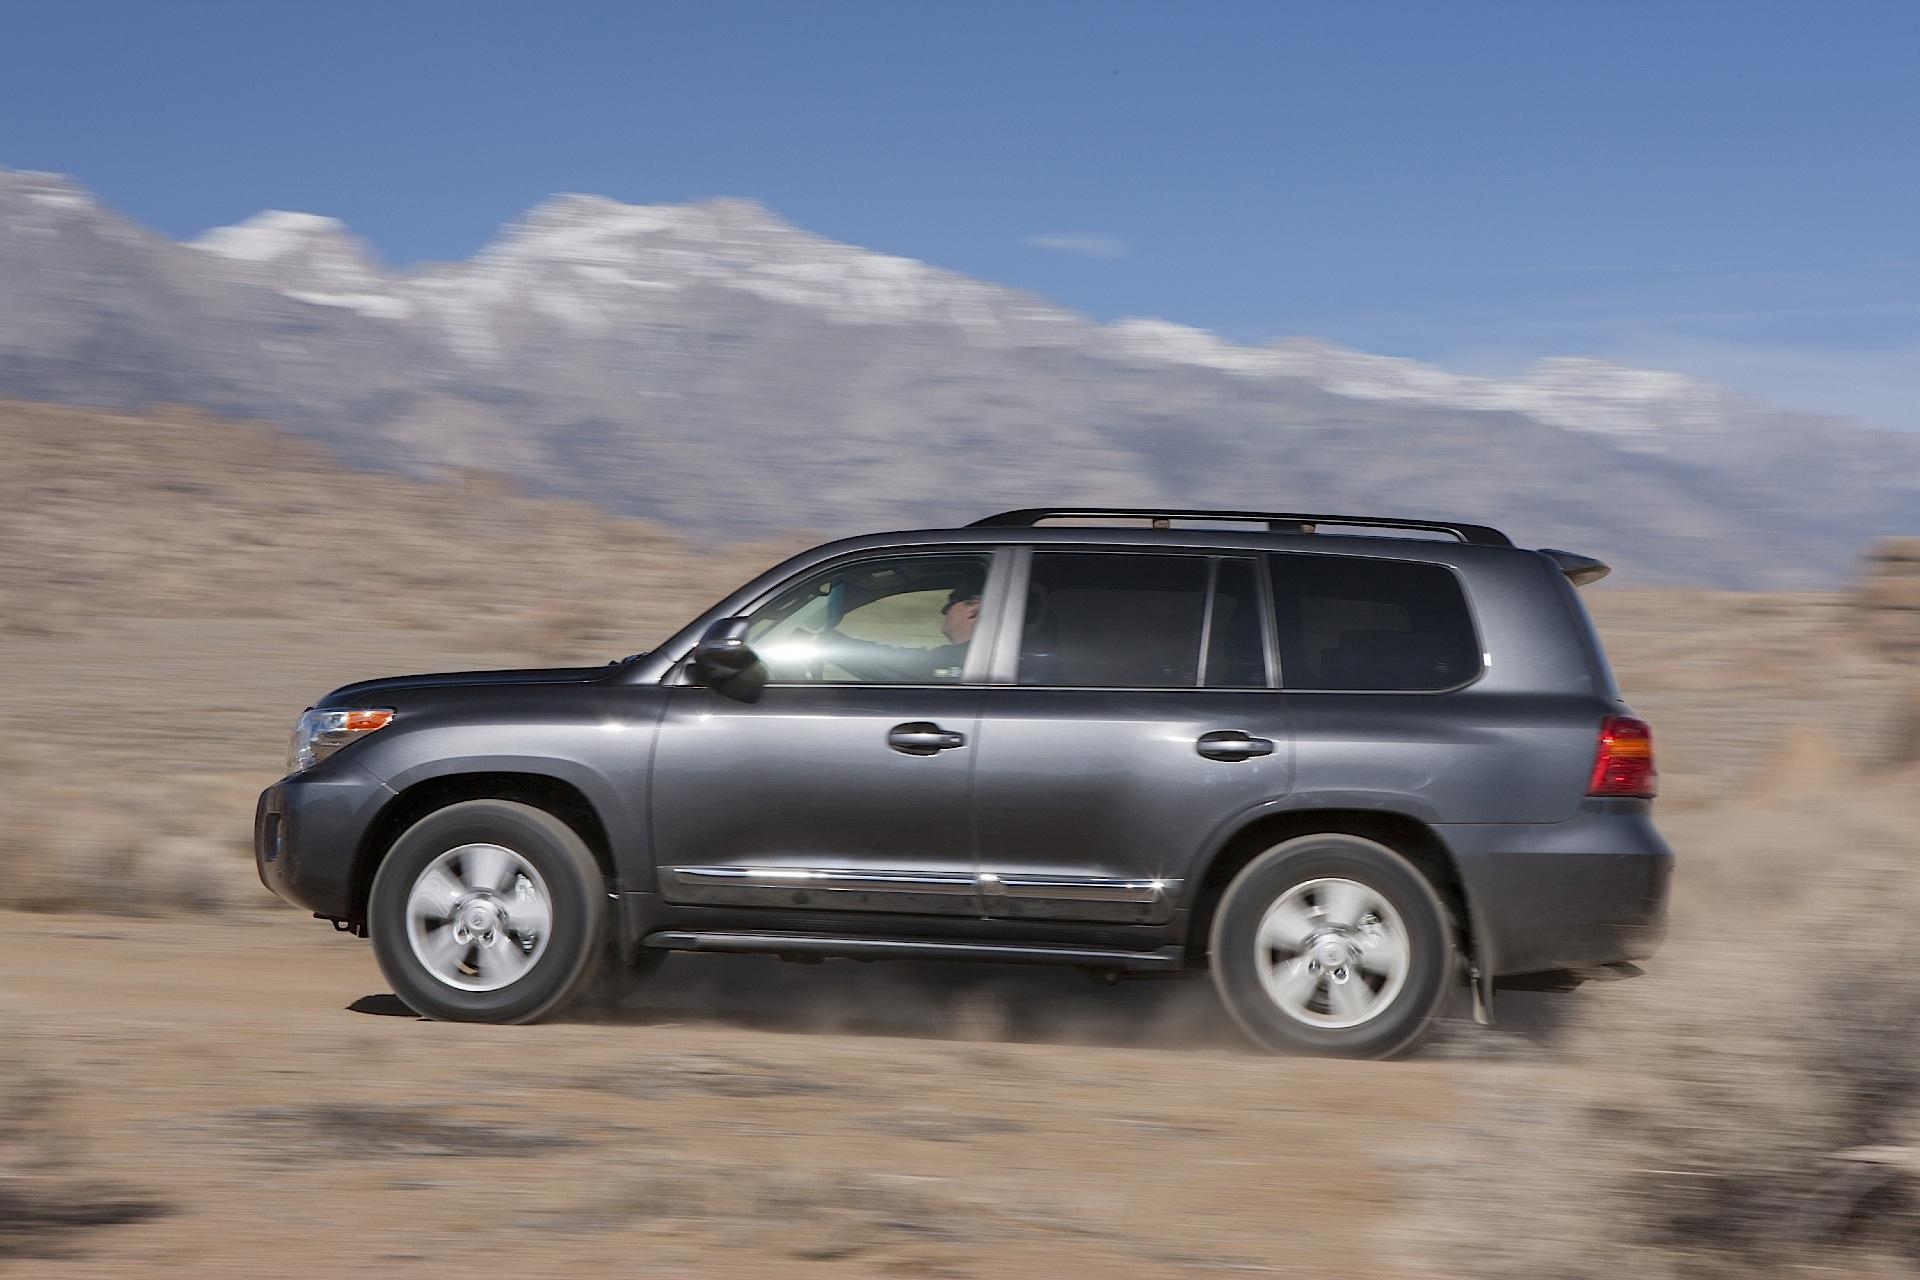 Тойота готовит Лэнд Крузер 300: первая техническая информация